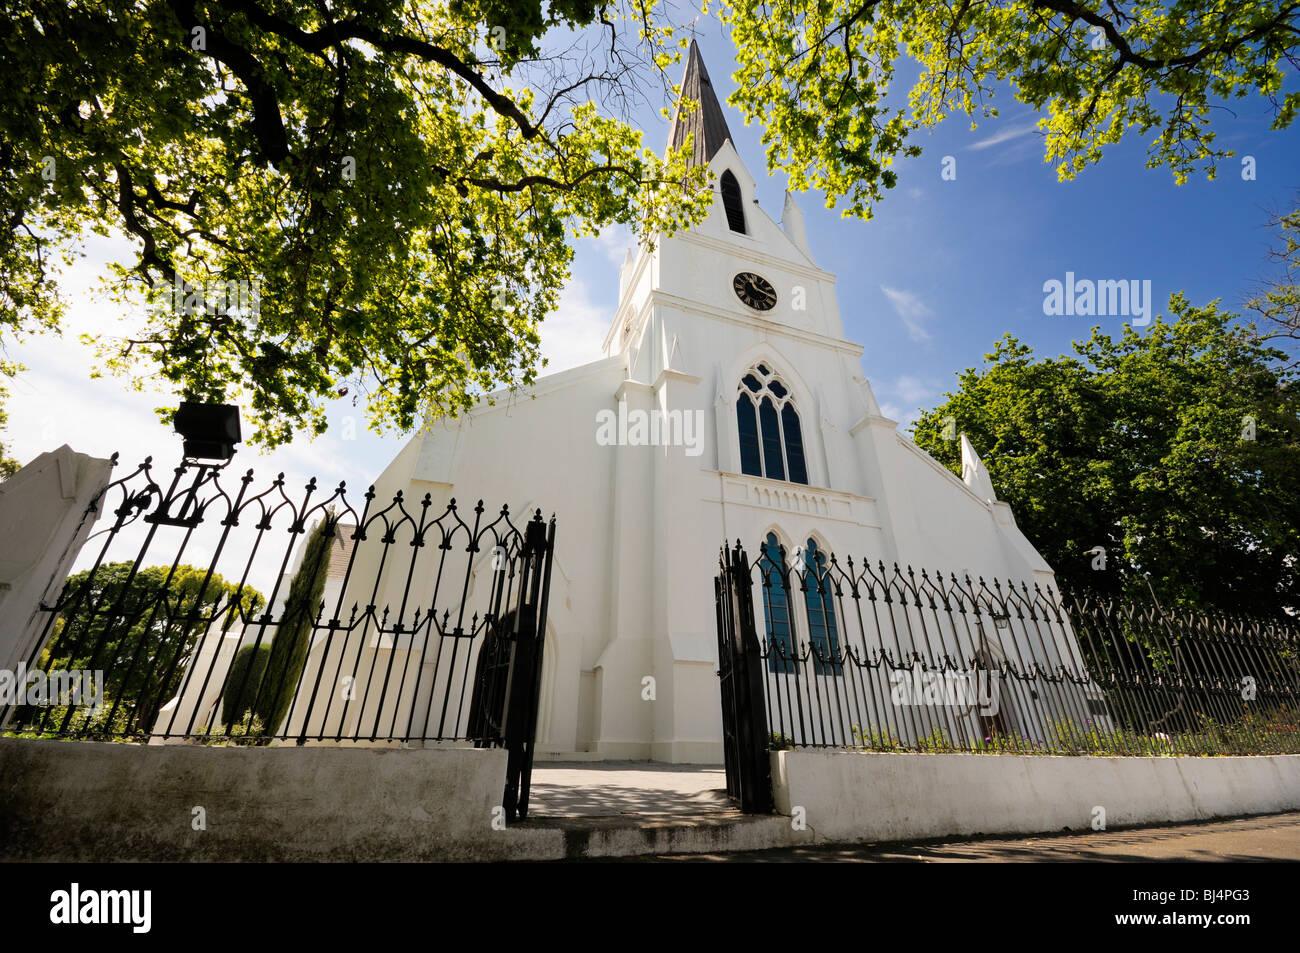 Moederkerk Church, Stellenbosch, Cape Province, South Africa, Africa Stock Photo